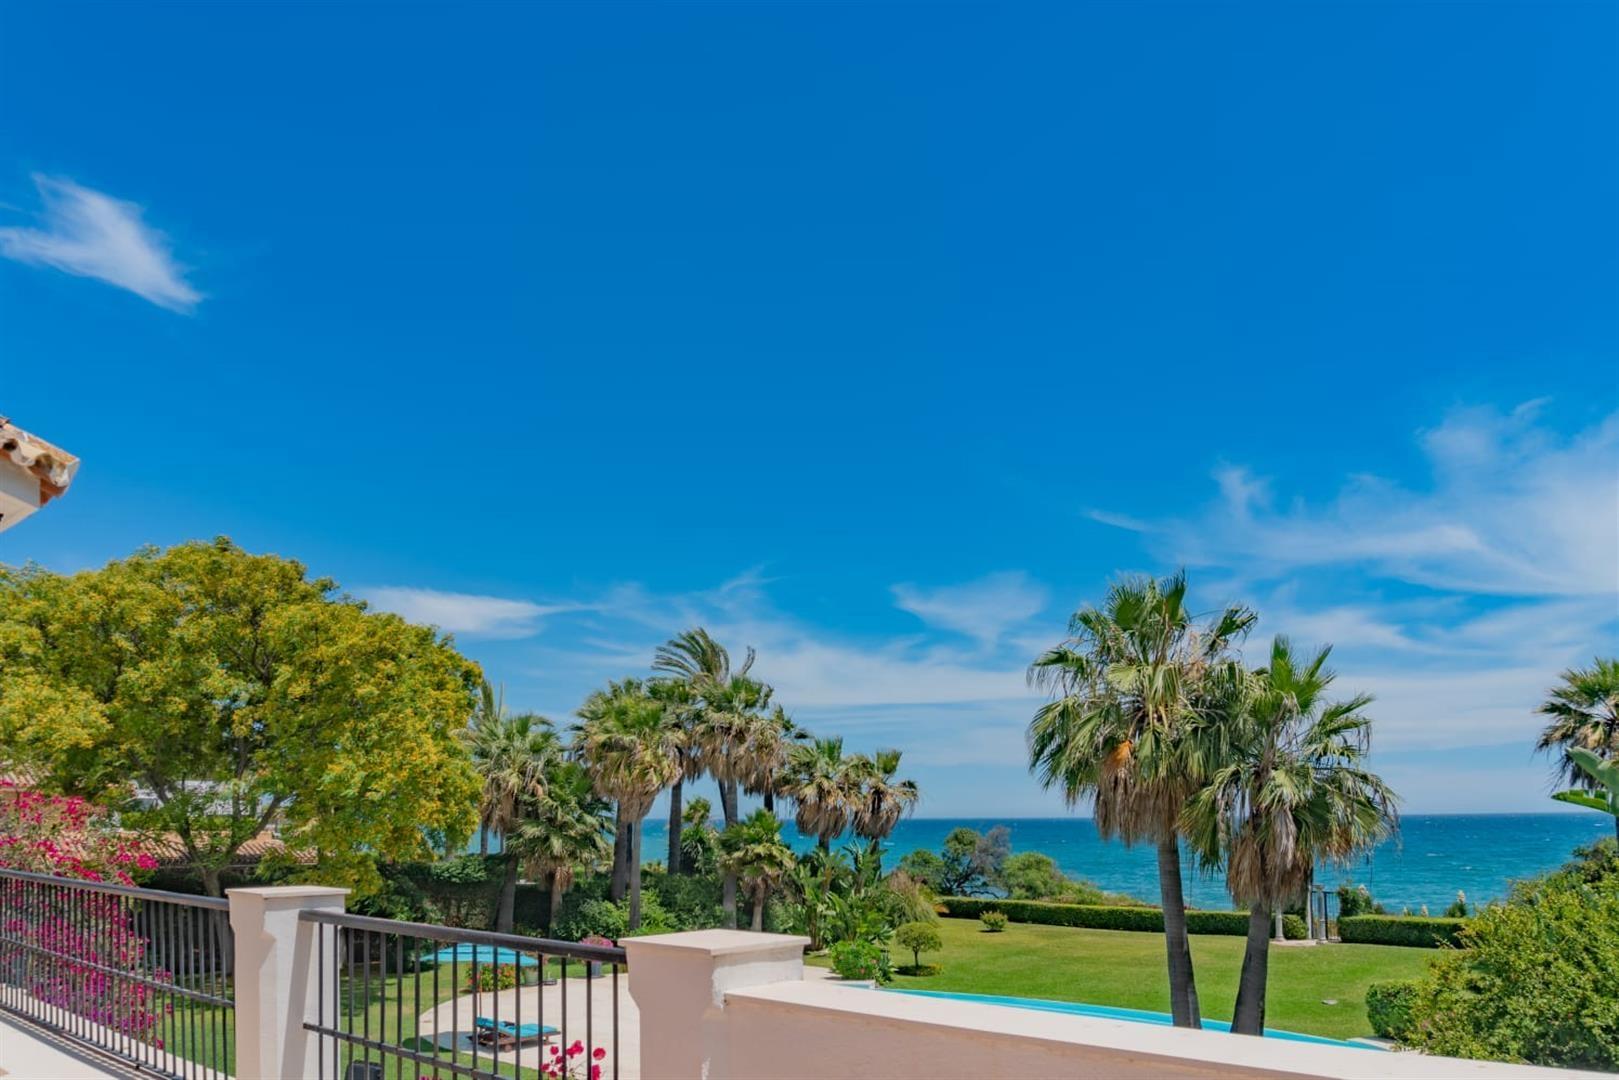 Beachfront Villa for sale Marbella Spain (7) (Large)